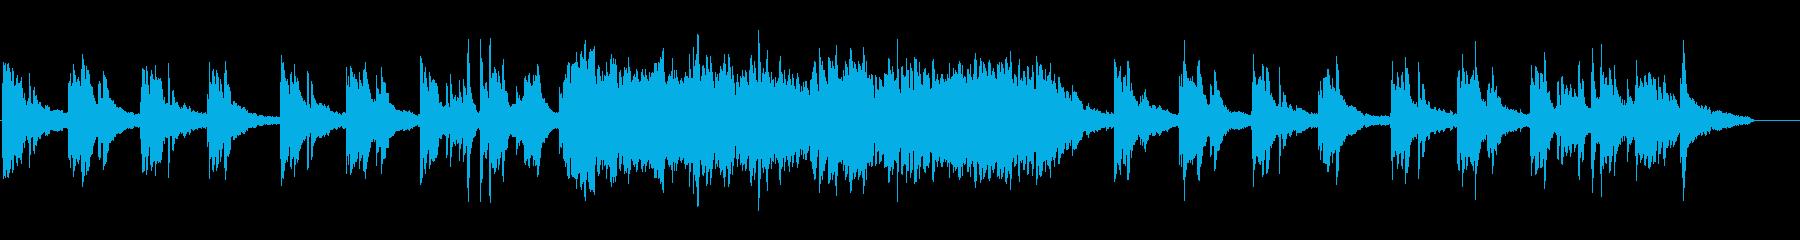 汎用性高!美しい癒やしのソロピアノの再生済みの波形